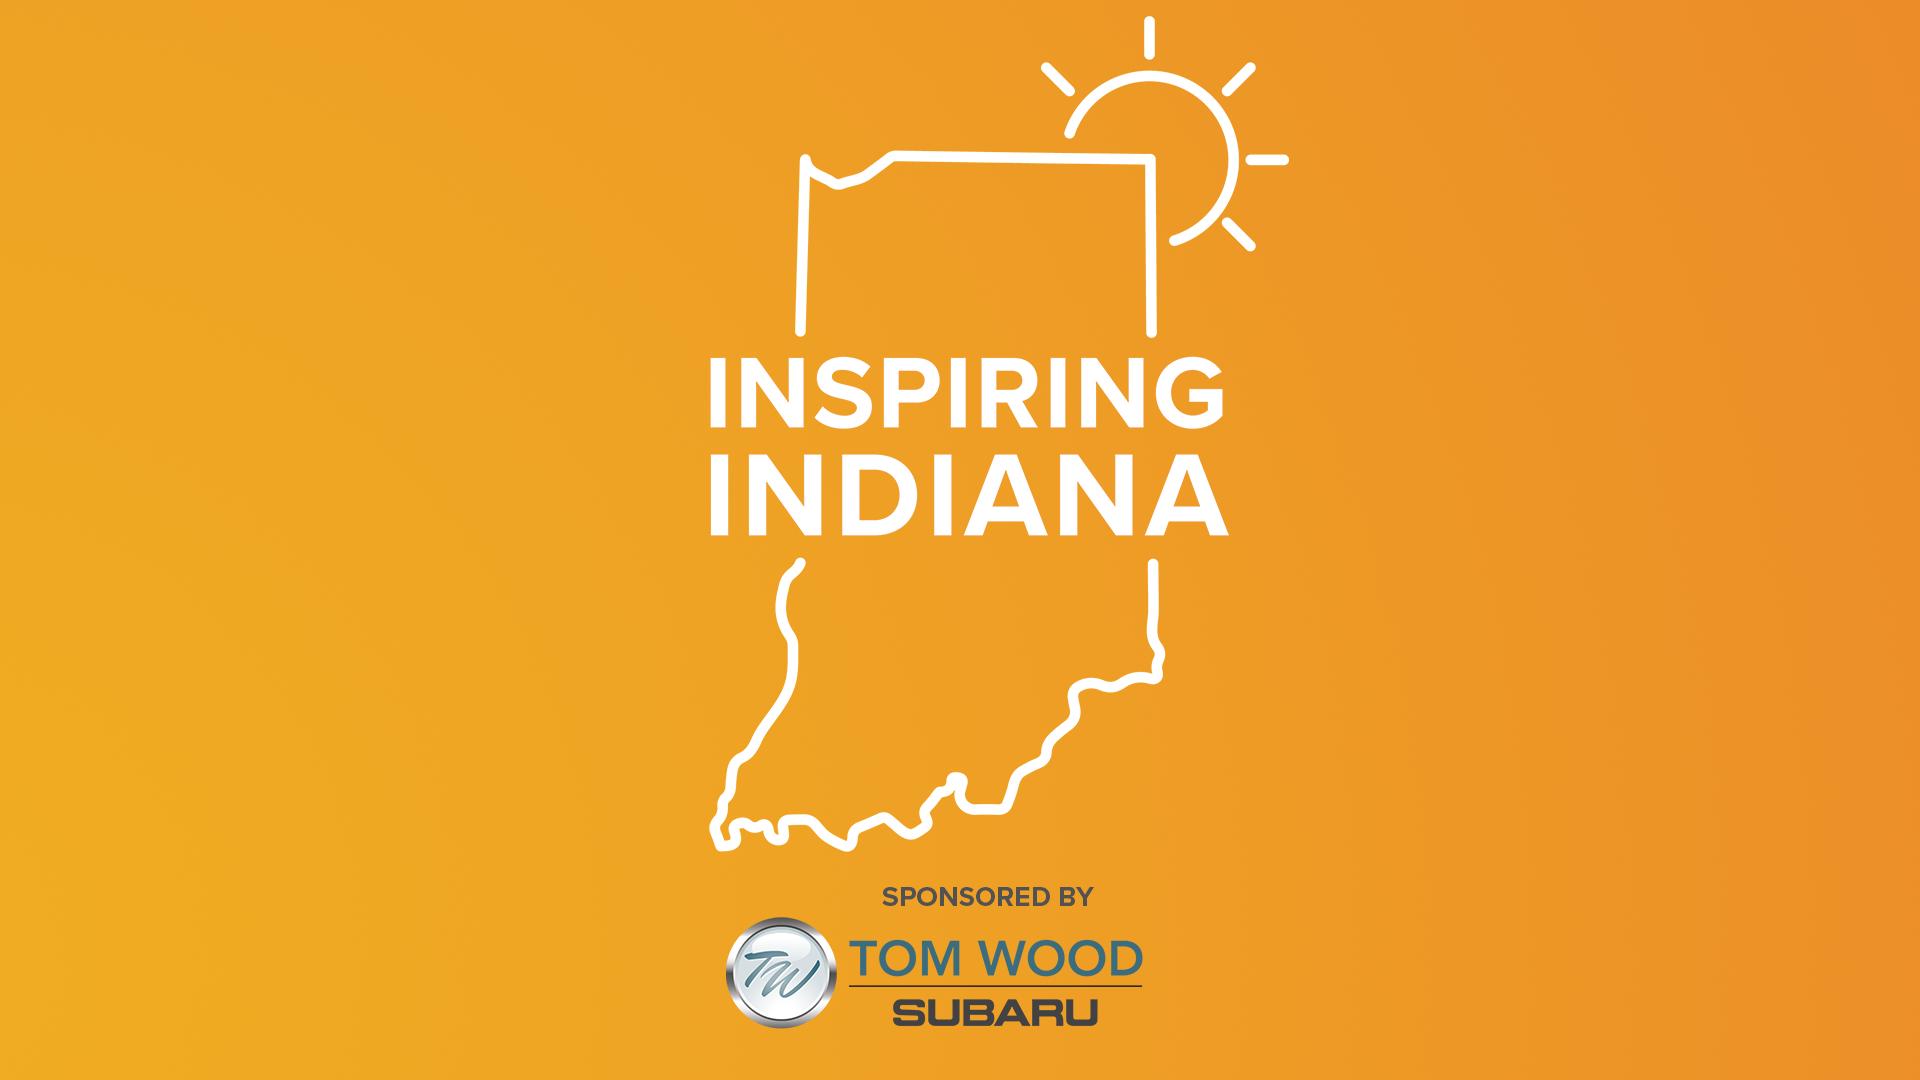 Inspiring Indiana